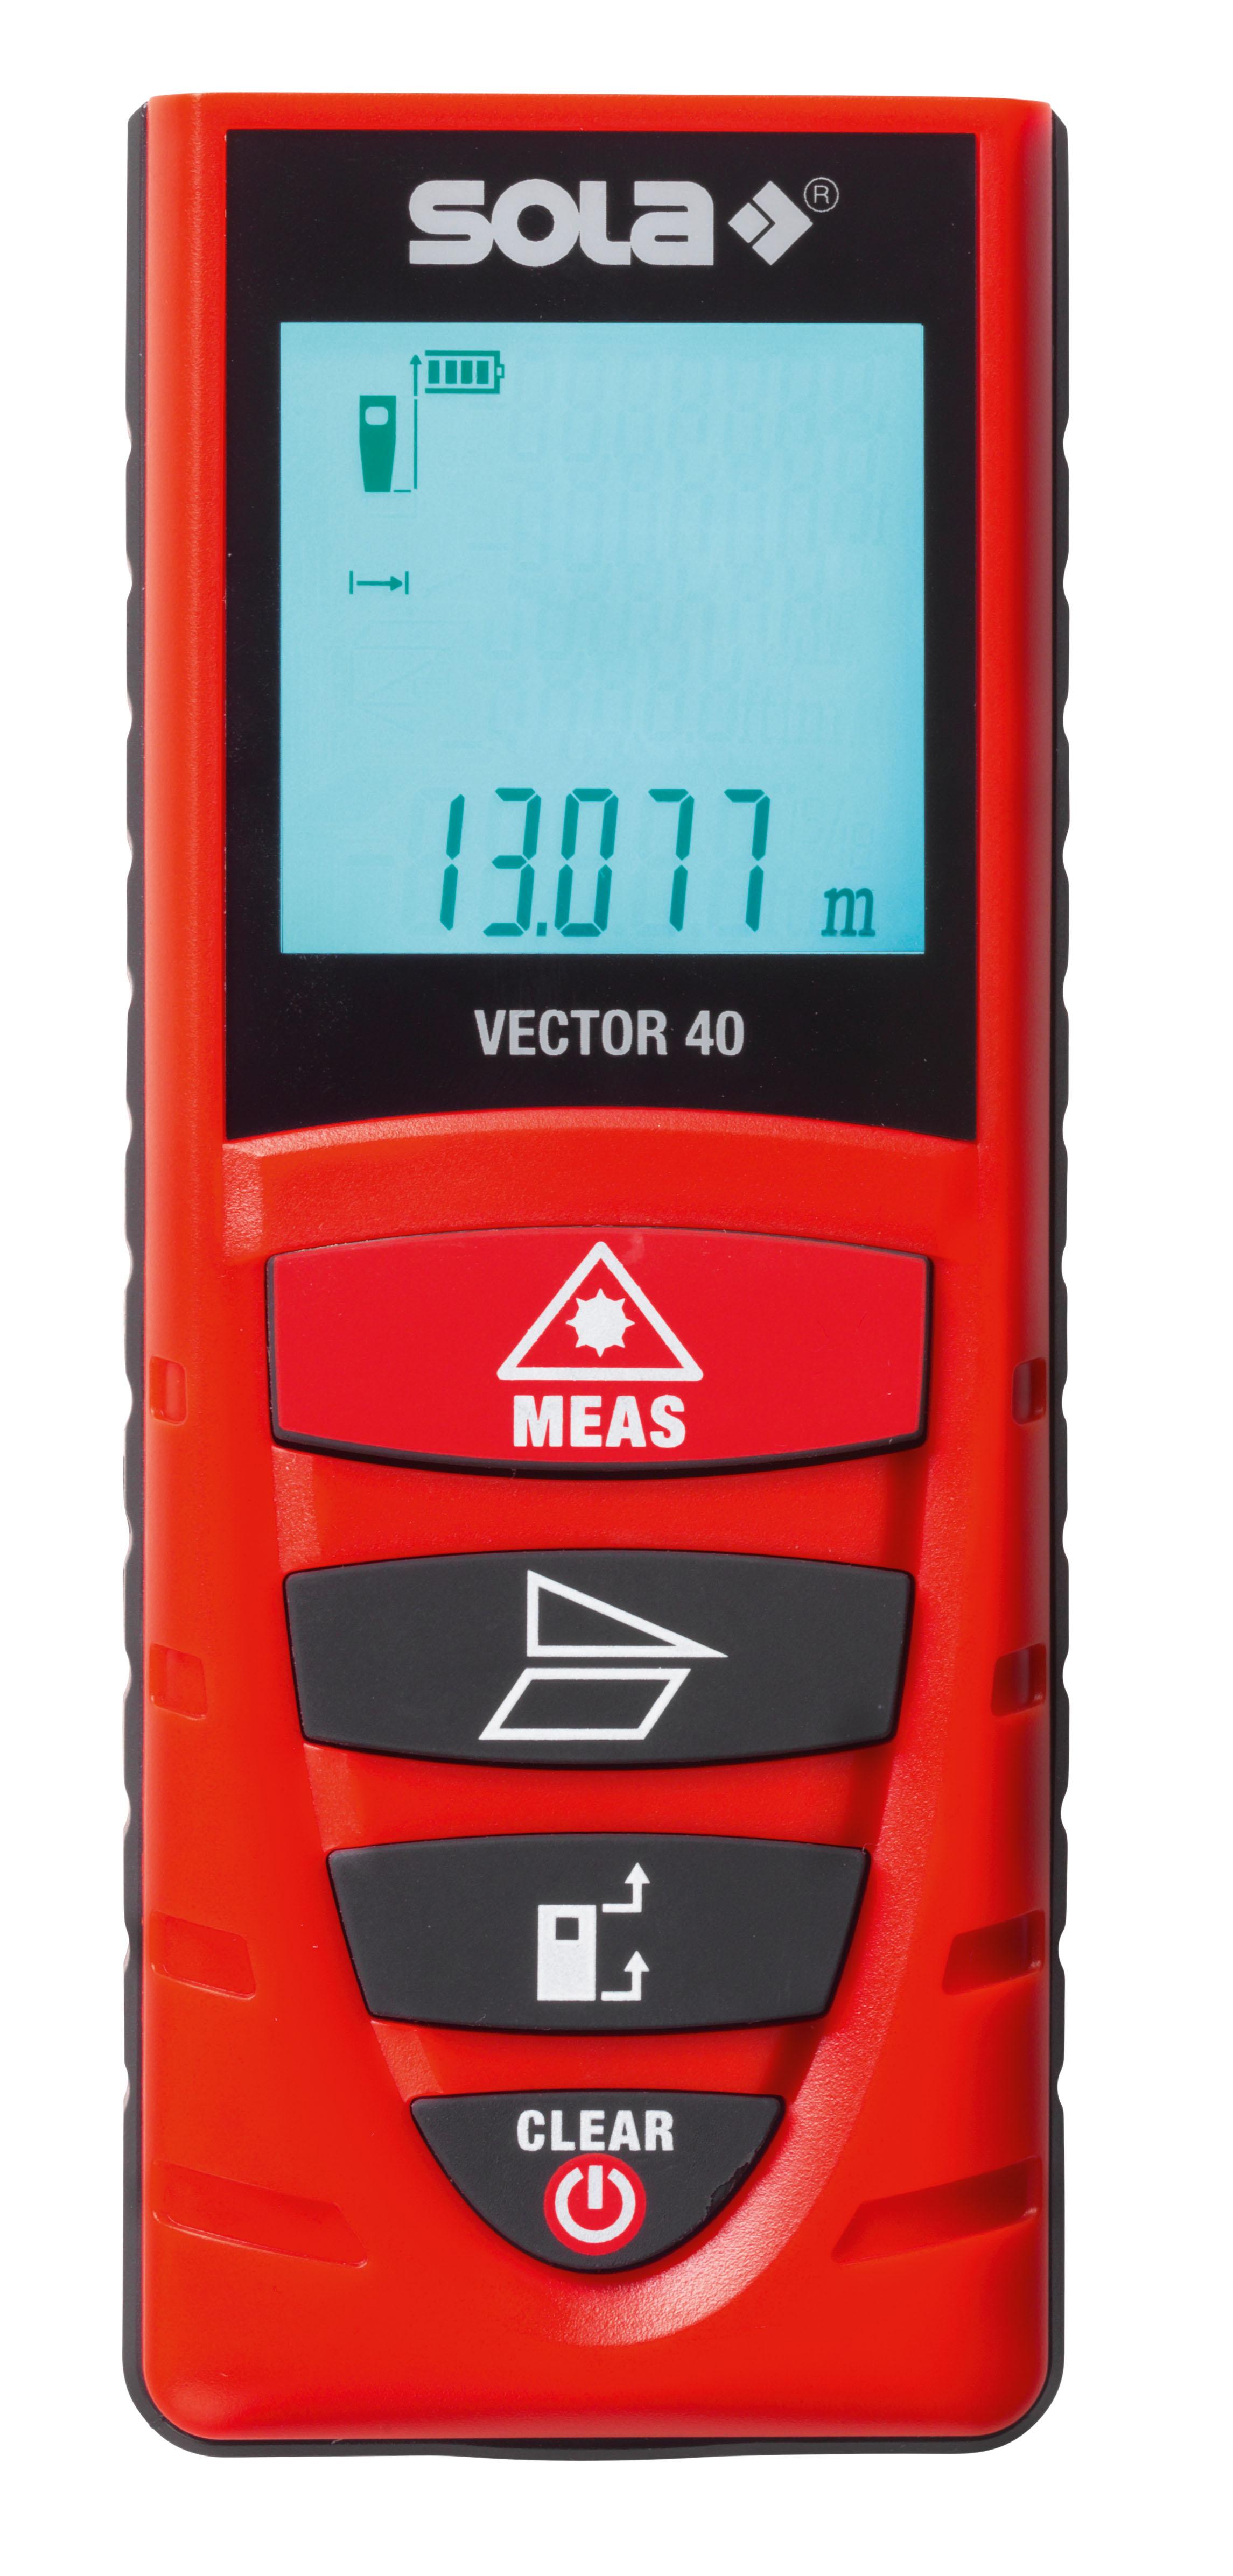 Dụng cụ đo khoảng cách cầm tay bằng laser SOLA 40m xuất xứ Châu Âu